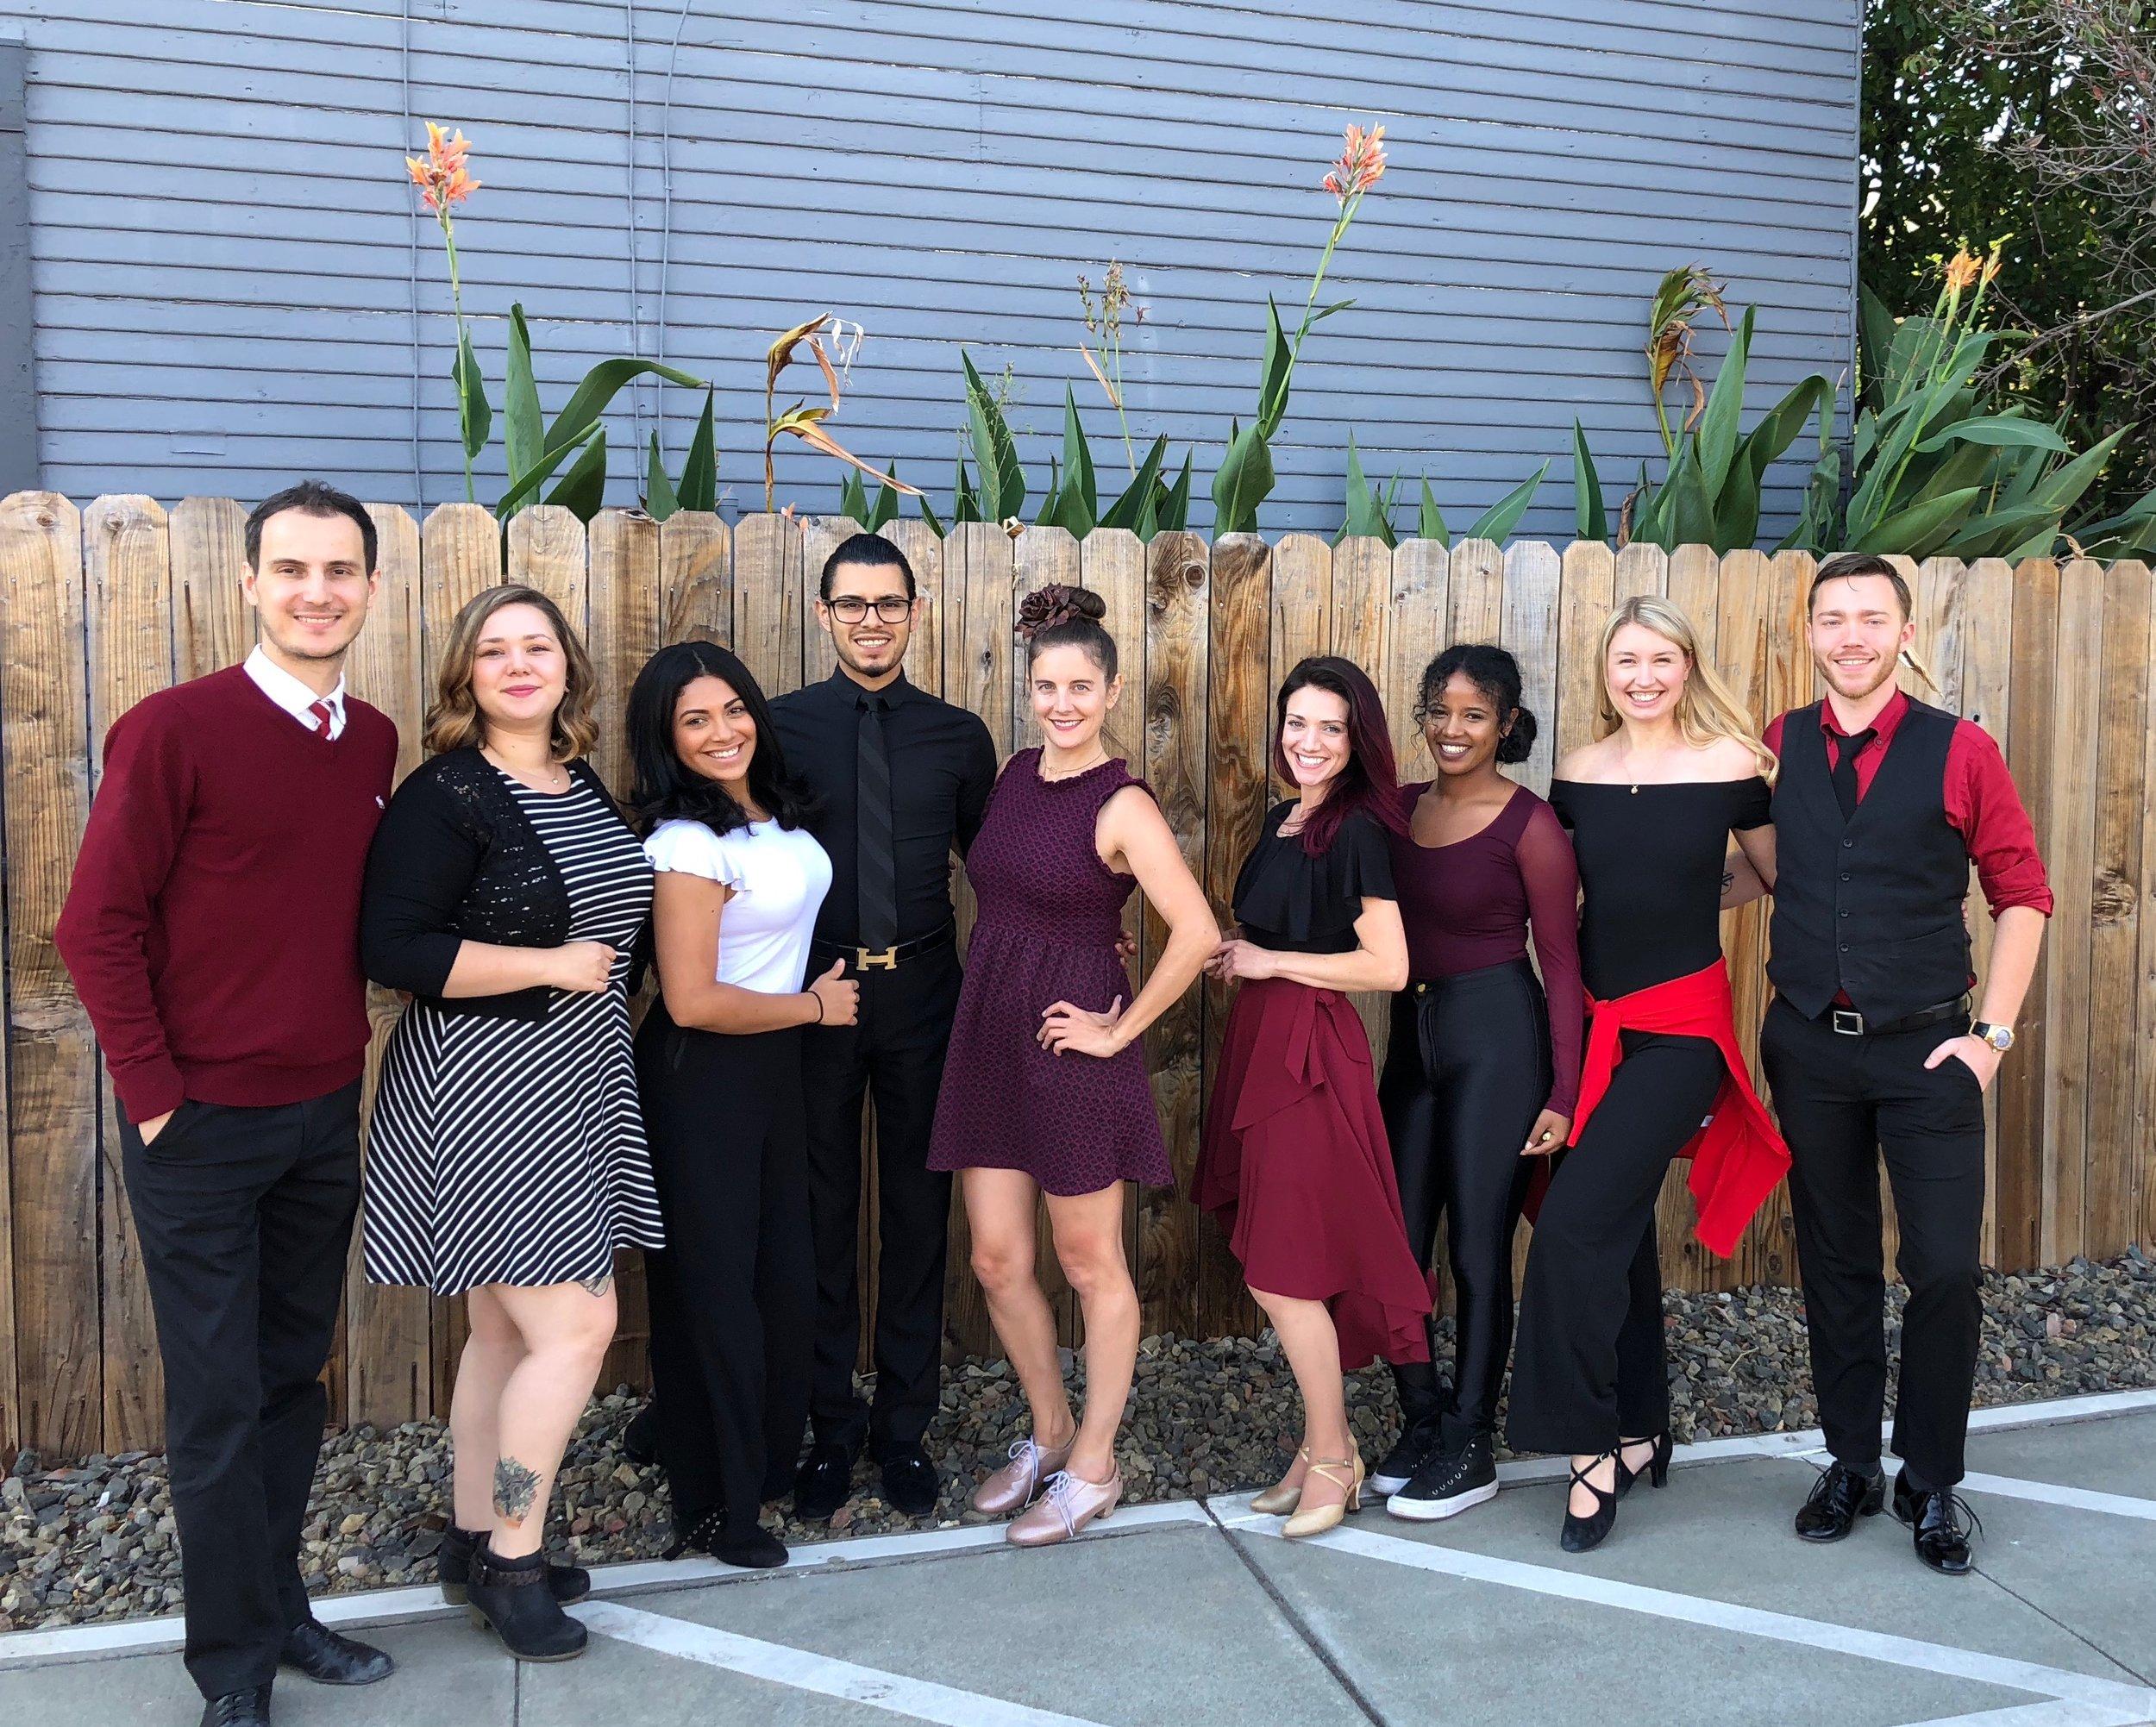 From left to right: Dmitri, Jessica, Isamar, Rafael, Cara, Jenny, Danaite, Alexandra, Spencer